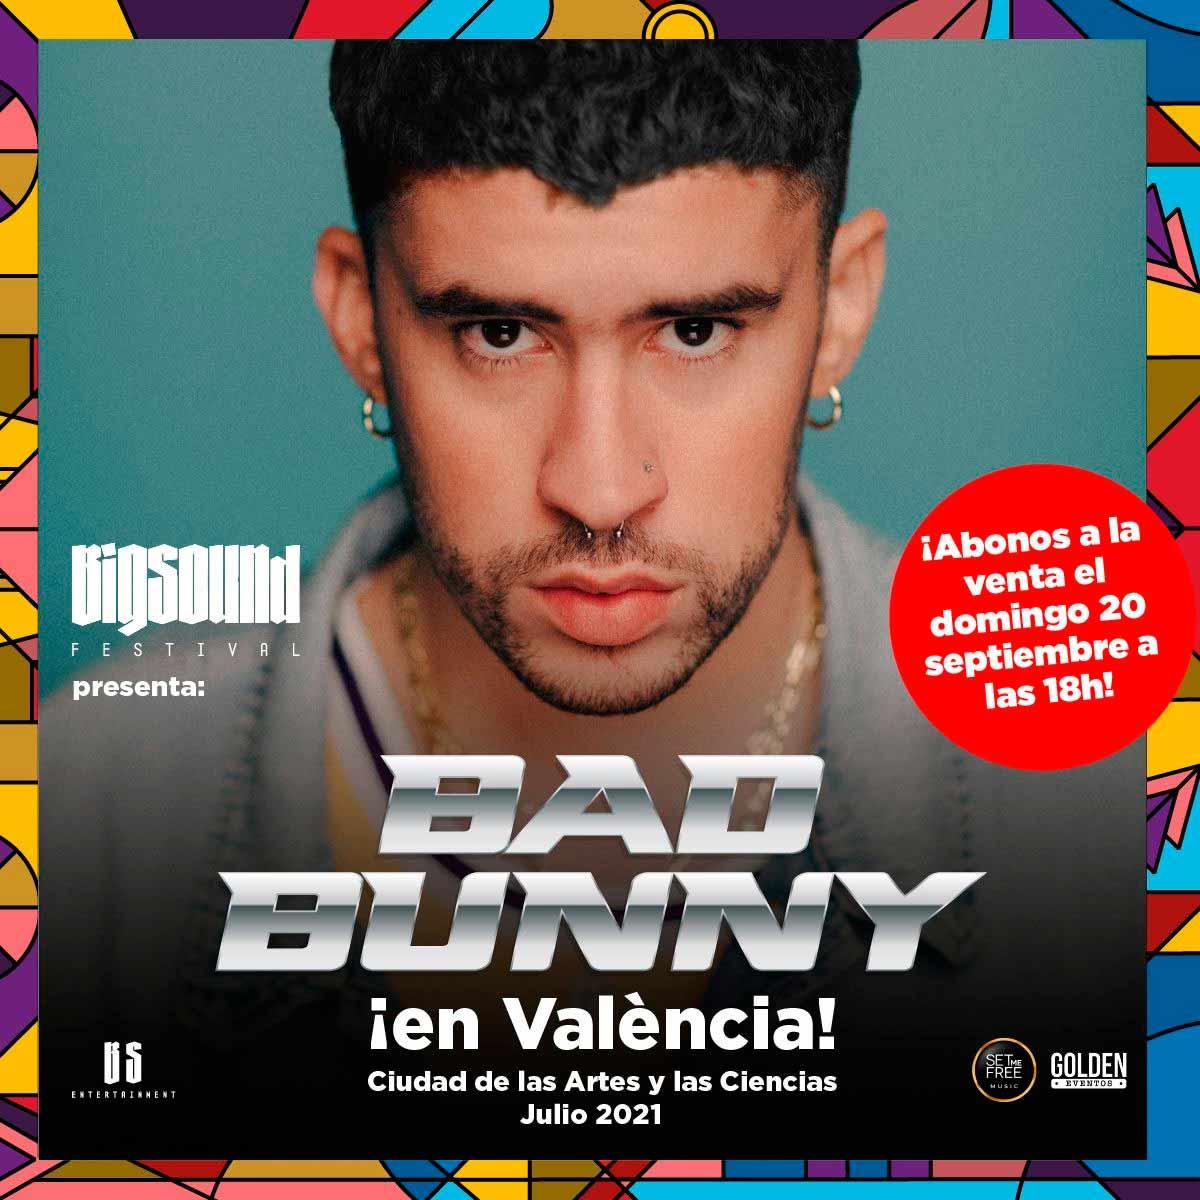 BAD BUNNY estará en el gran festival de música urbana BIG SOUND este 2021.